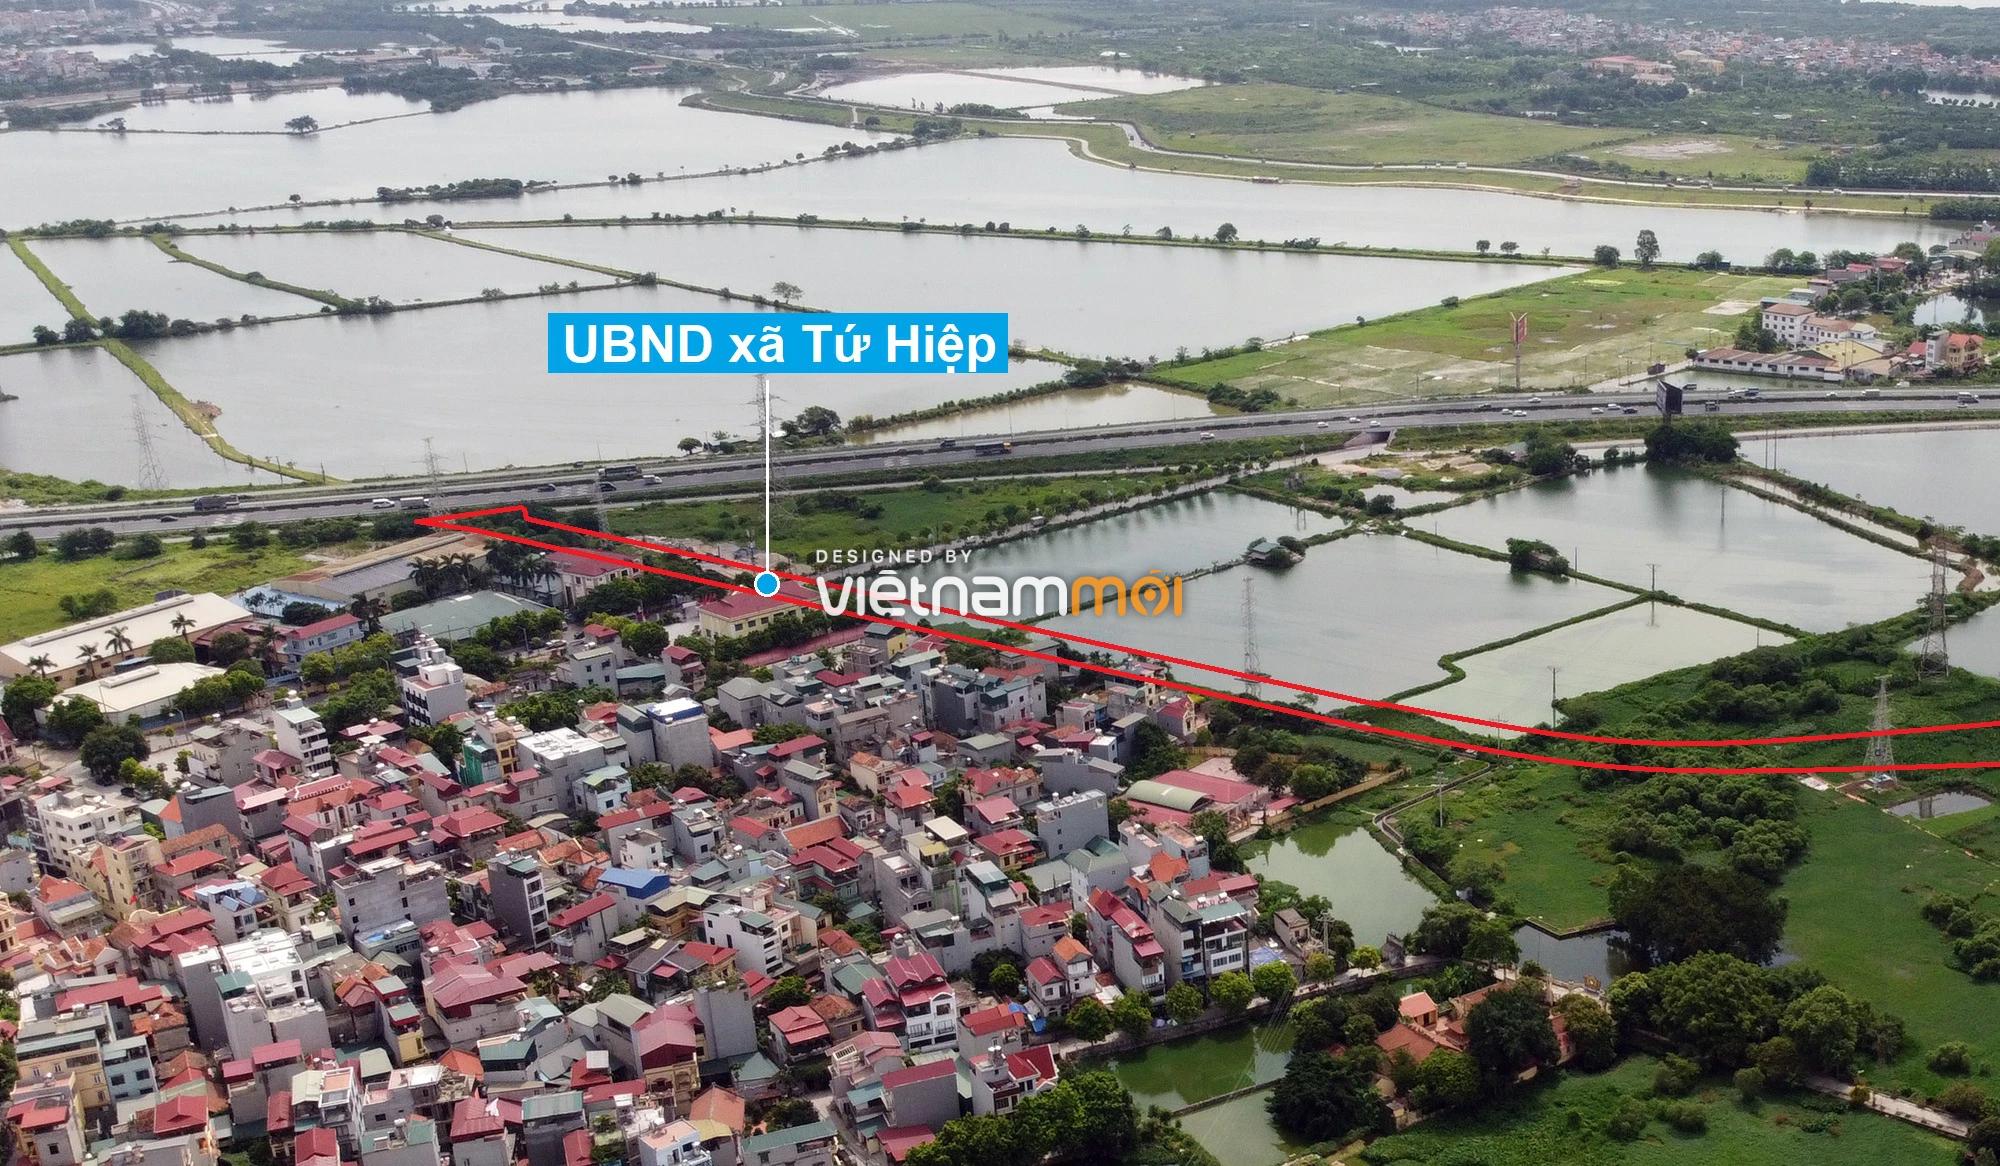 Những khu đất sắp thu hồi để mở đường ở xã Tứ Hiệp, Thanh Trì, Hà Nội (phần 4) - Ảnh 12.